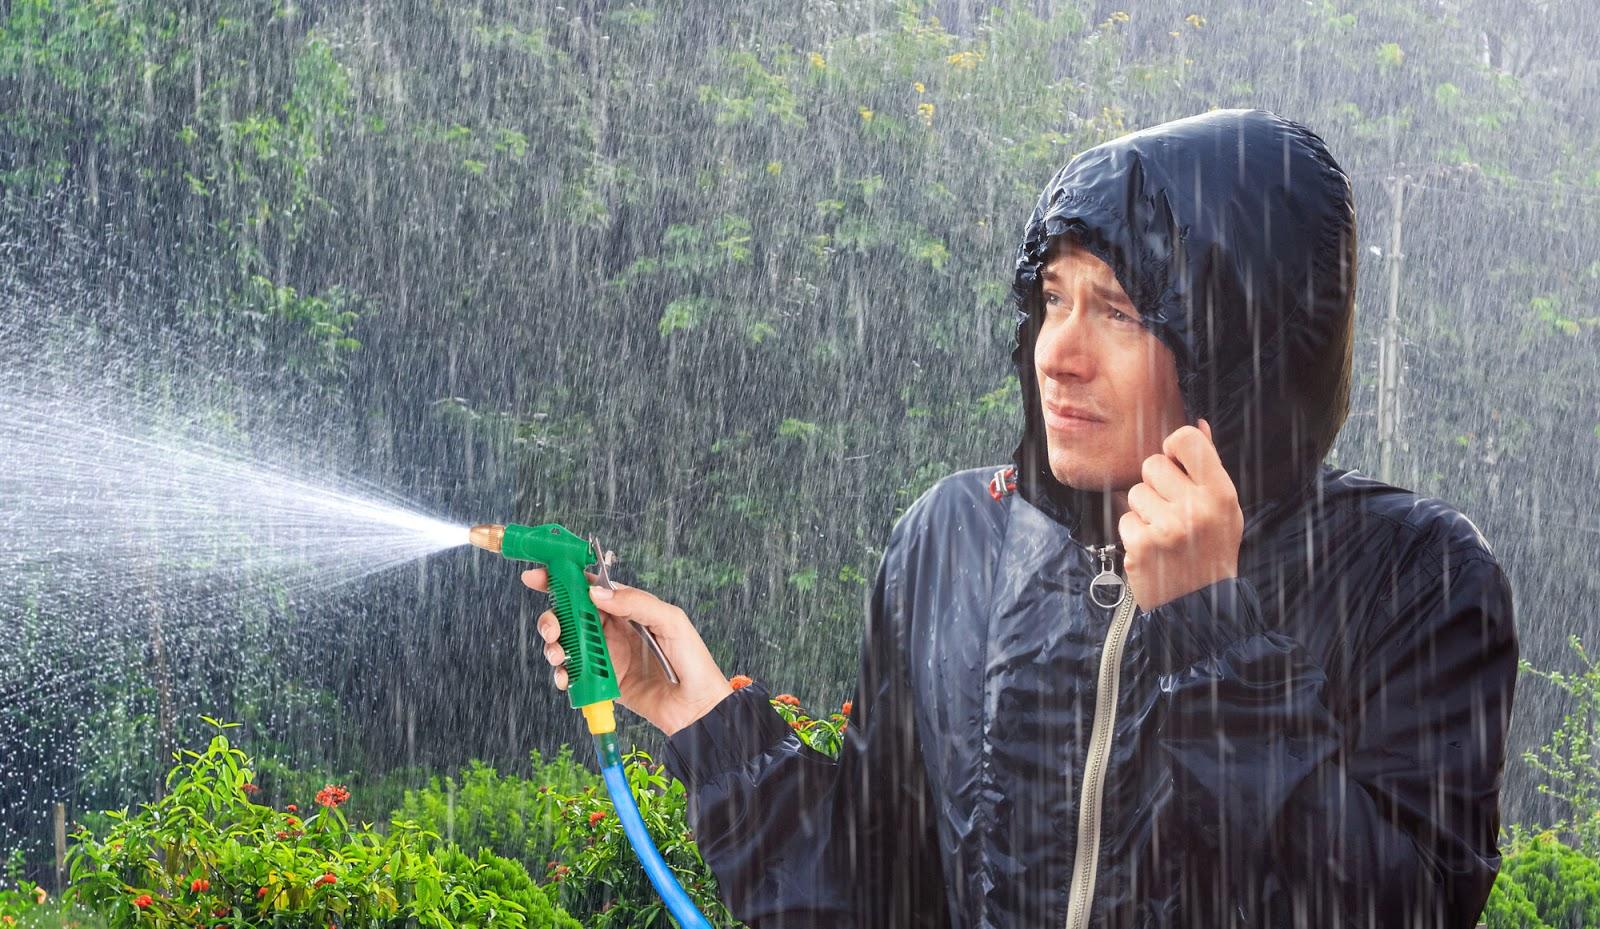 Weil es in Strömen regnet: Mann muss beim Gartengießen Regenjacke tragen